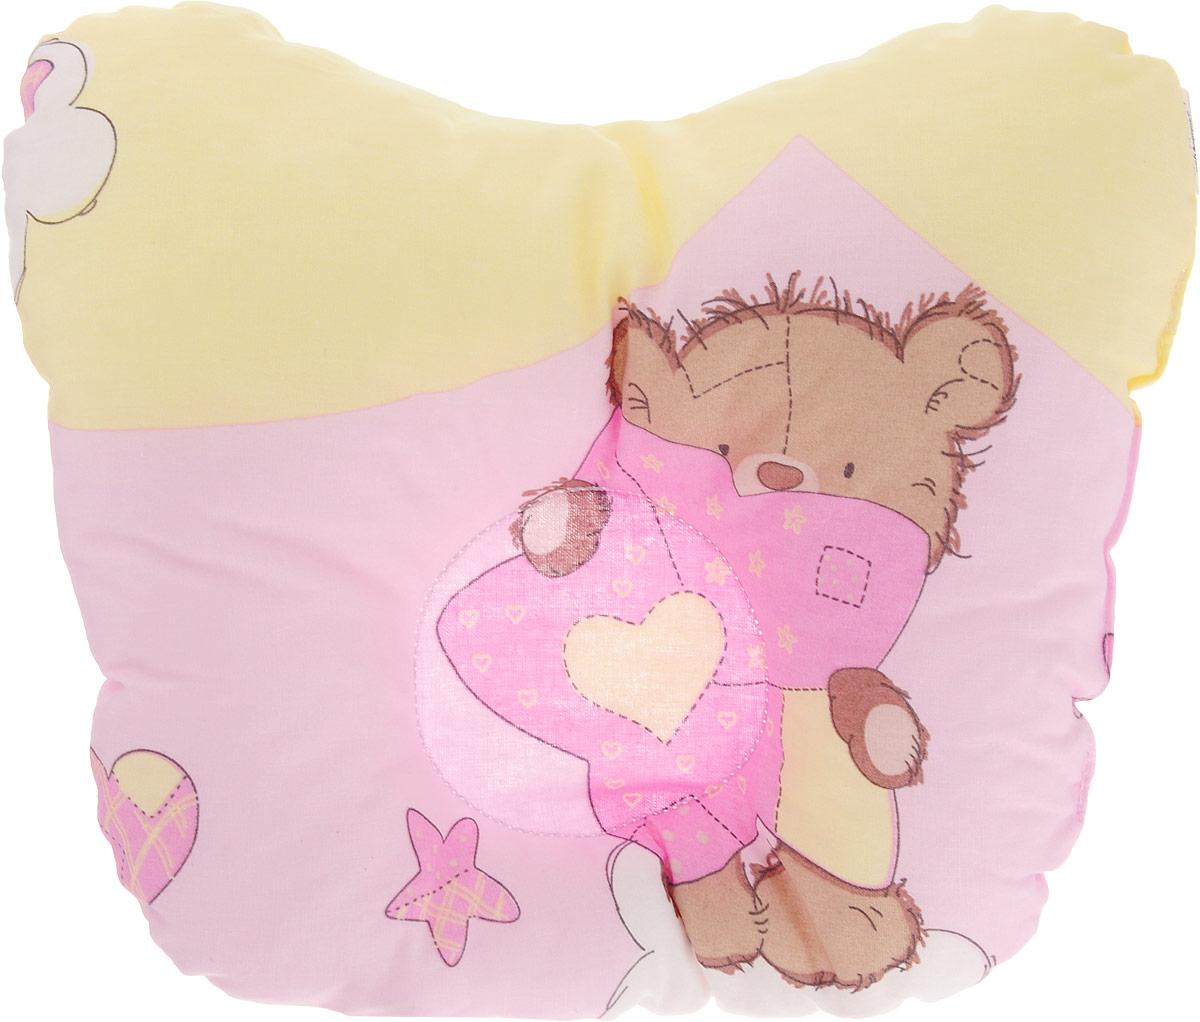 Сонный гномик Подушка анатомическая для младенцев Мишка 27 х 20 см555А/желтый, розовыйАнатомическая подушка для младенцев Сонный гномик Мишка изготовлена из бязи - 100% хлопка. Наполнитель - синтепон в гранулах (100% полиэстер).Подушка компактна и удобна для пеленания малыша и кормления на руках, она также незаменима для сна ребенка в кроватке и комфортна для использования в коляске на прогулке. Углубление в подушке фиксирует правильное положение головы ребенка.Подушка помогает правильному формированию шейного отдела позвоночника.